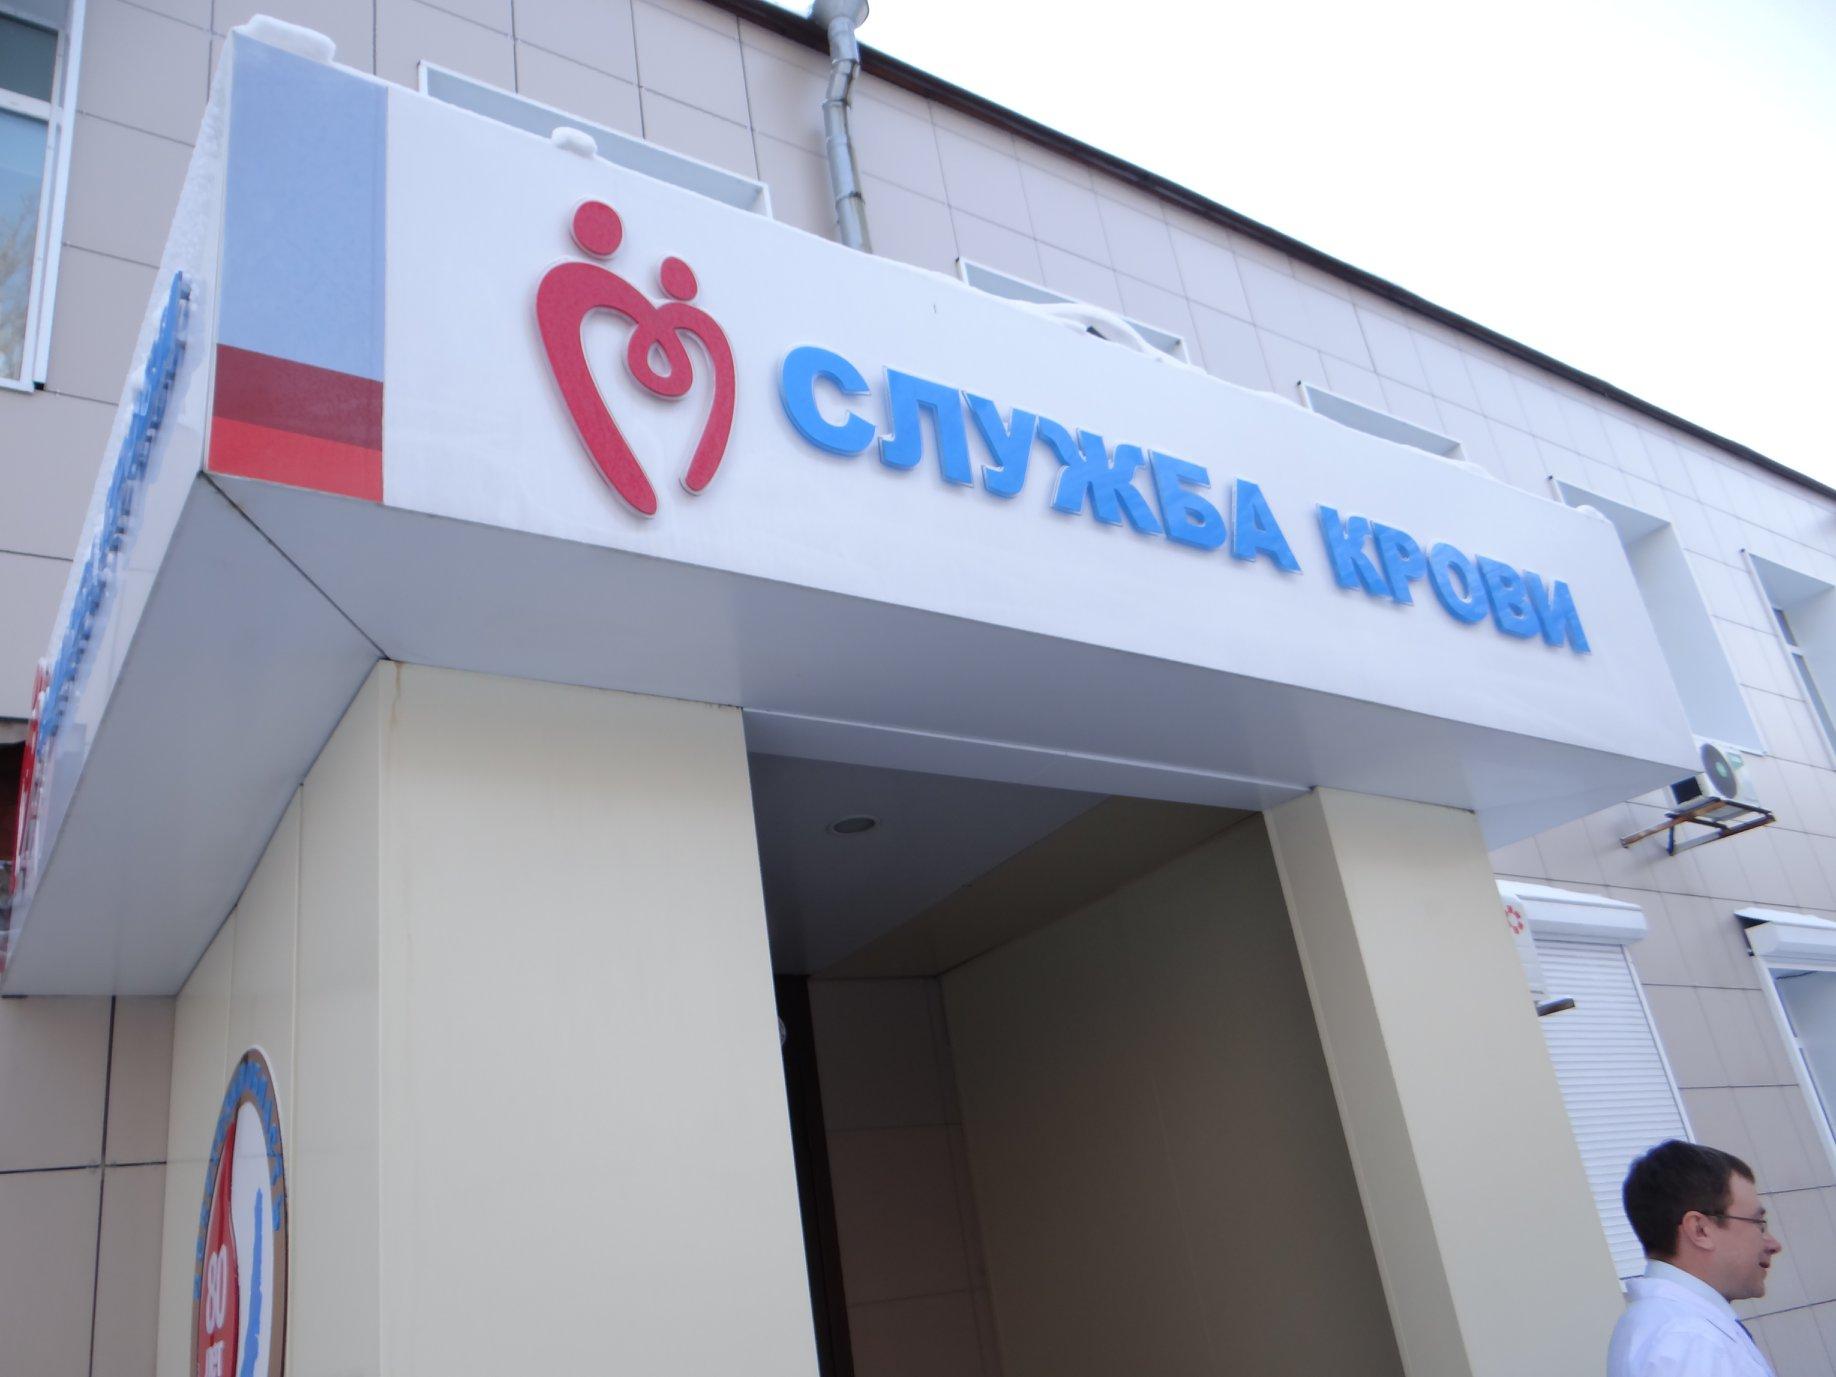 Министр здравоохранения Иркутской области Олег Ярошенко поздравил коллектив Иркутской областной станции переливания крови.  – Уважаемые коллеги, мой предновогодний визит связан, в первую  очередь, с желанием поблагодарить вас за тот самоотверженный т…